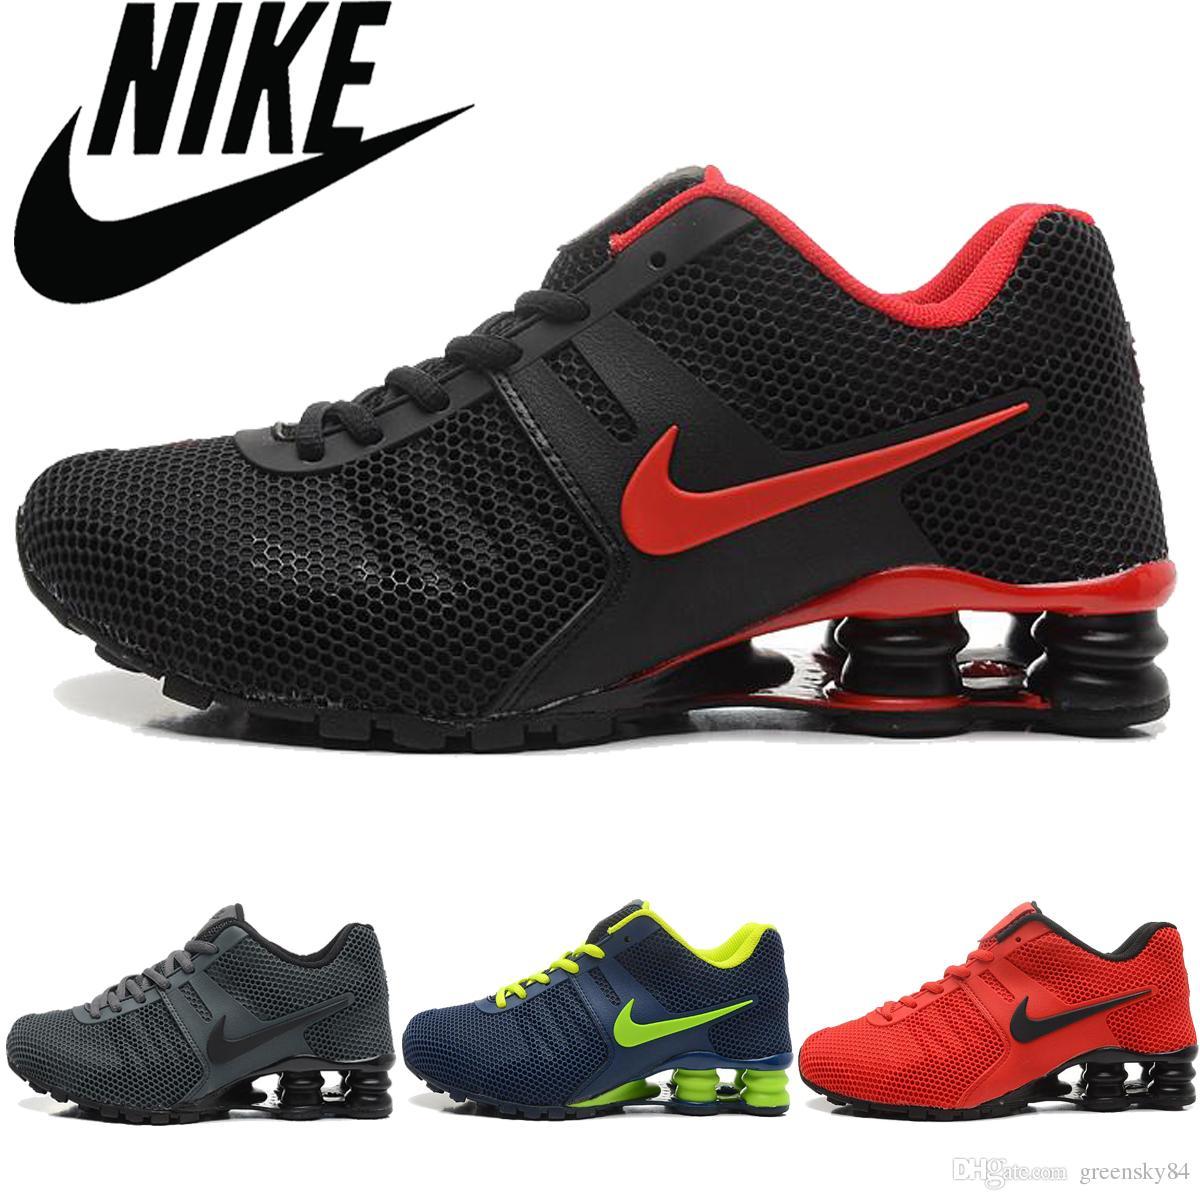 56f50eb3 Compre 2016 Nike Shox KPU Operando 807 Turbo Para Los Hombres, Los Nuevos  Zapatos Corrientes De Los Hombres De La Manera Cómoda, Zapatos Deportivos  Nike Air ...